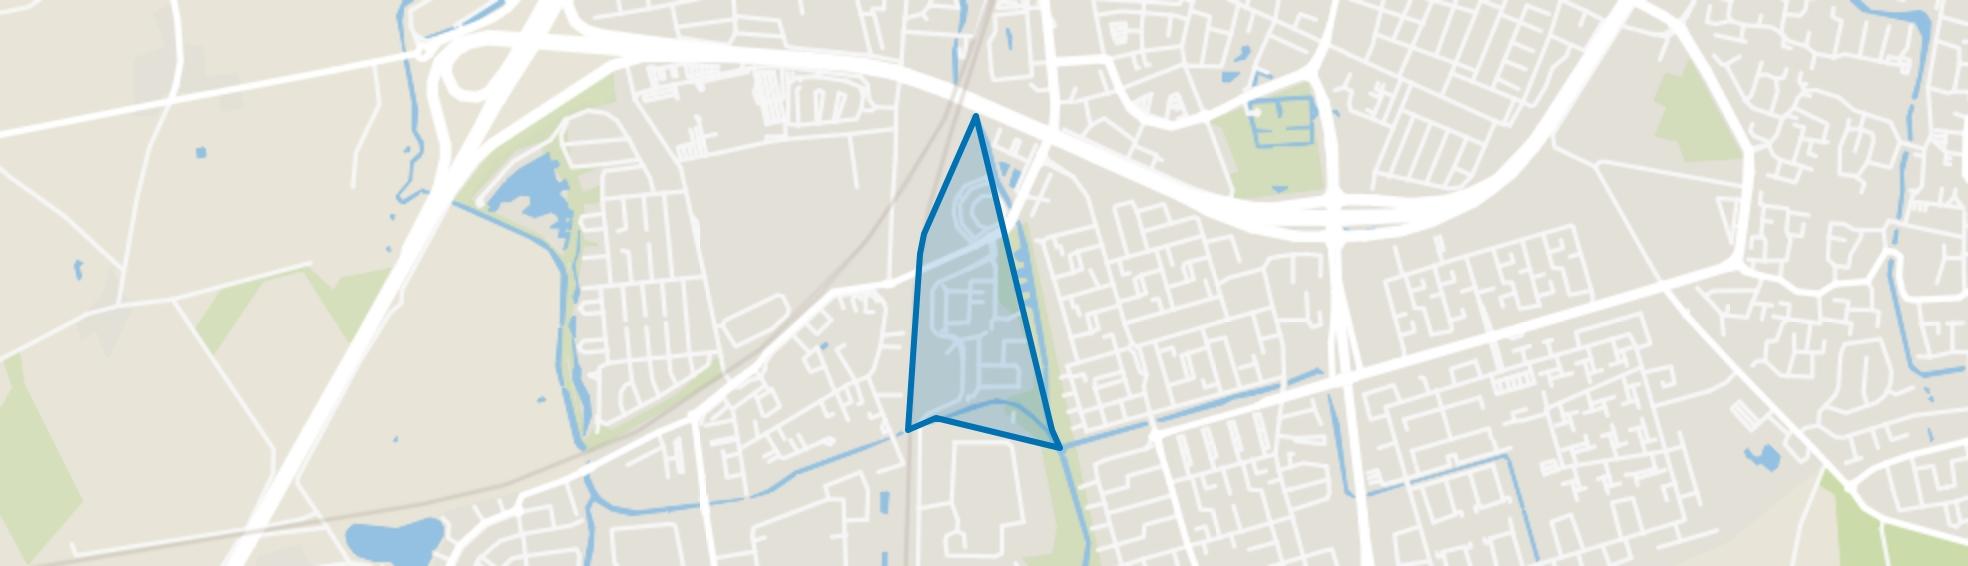 De Krogten, Roosendaal map